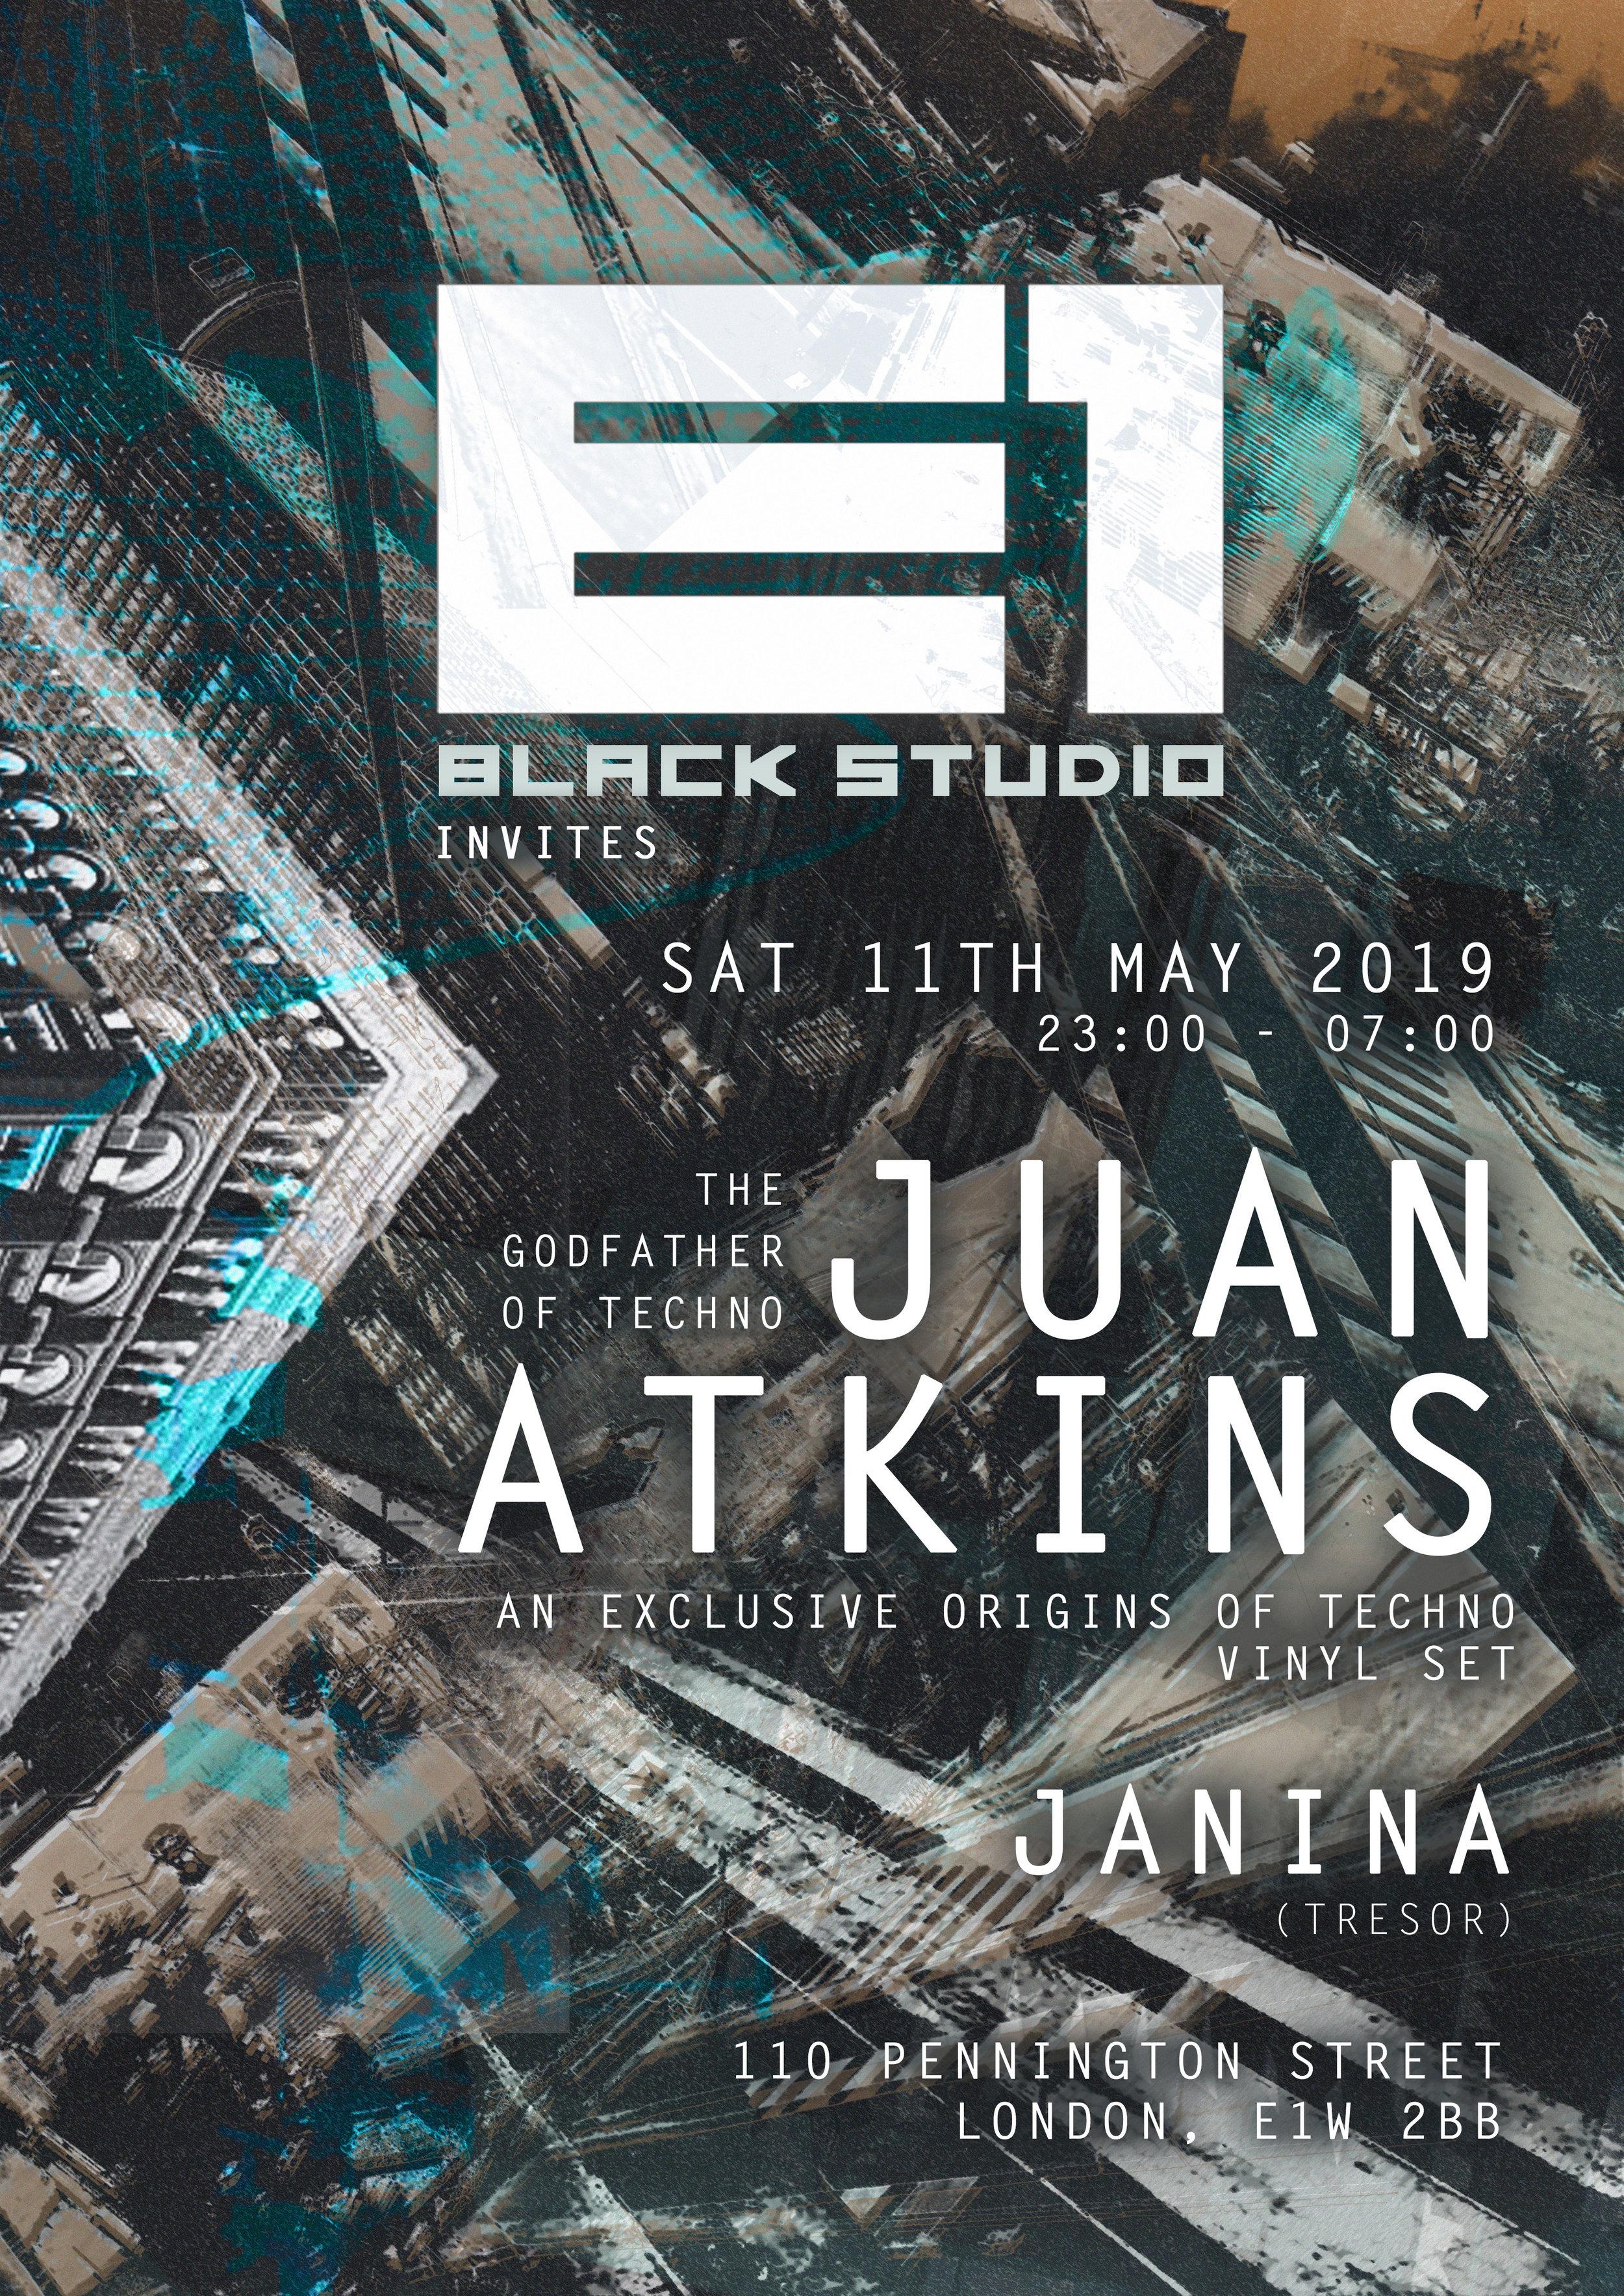 Juan-Atkins-A3-poster-Web.jpg